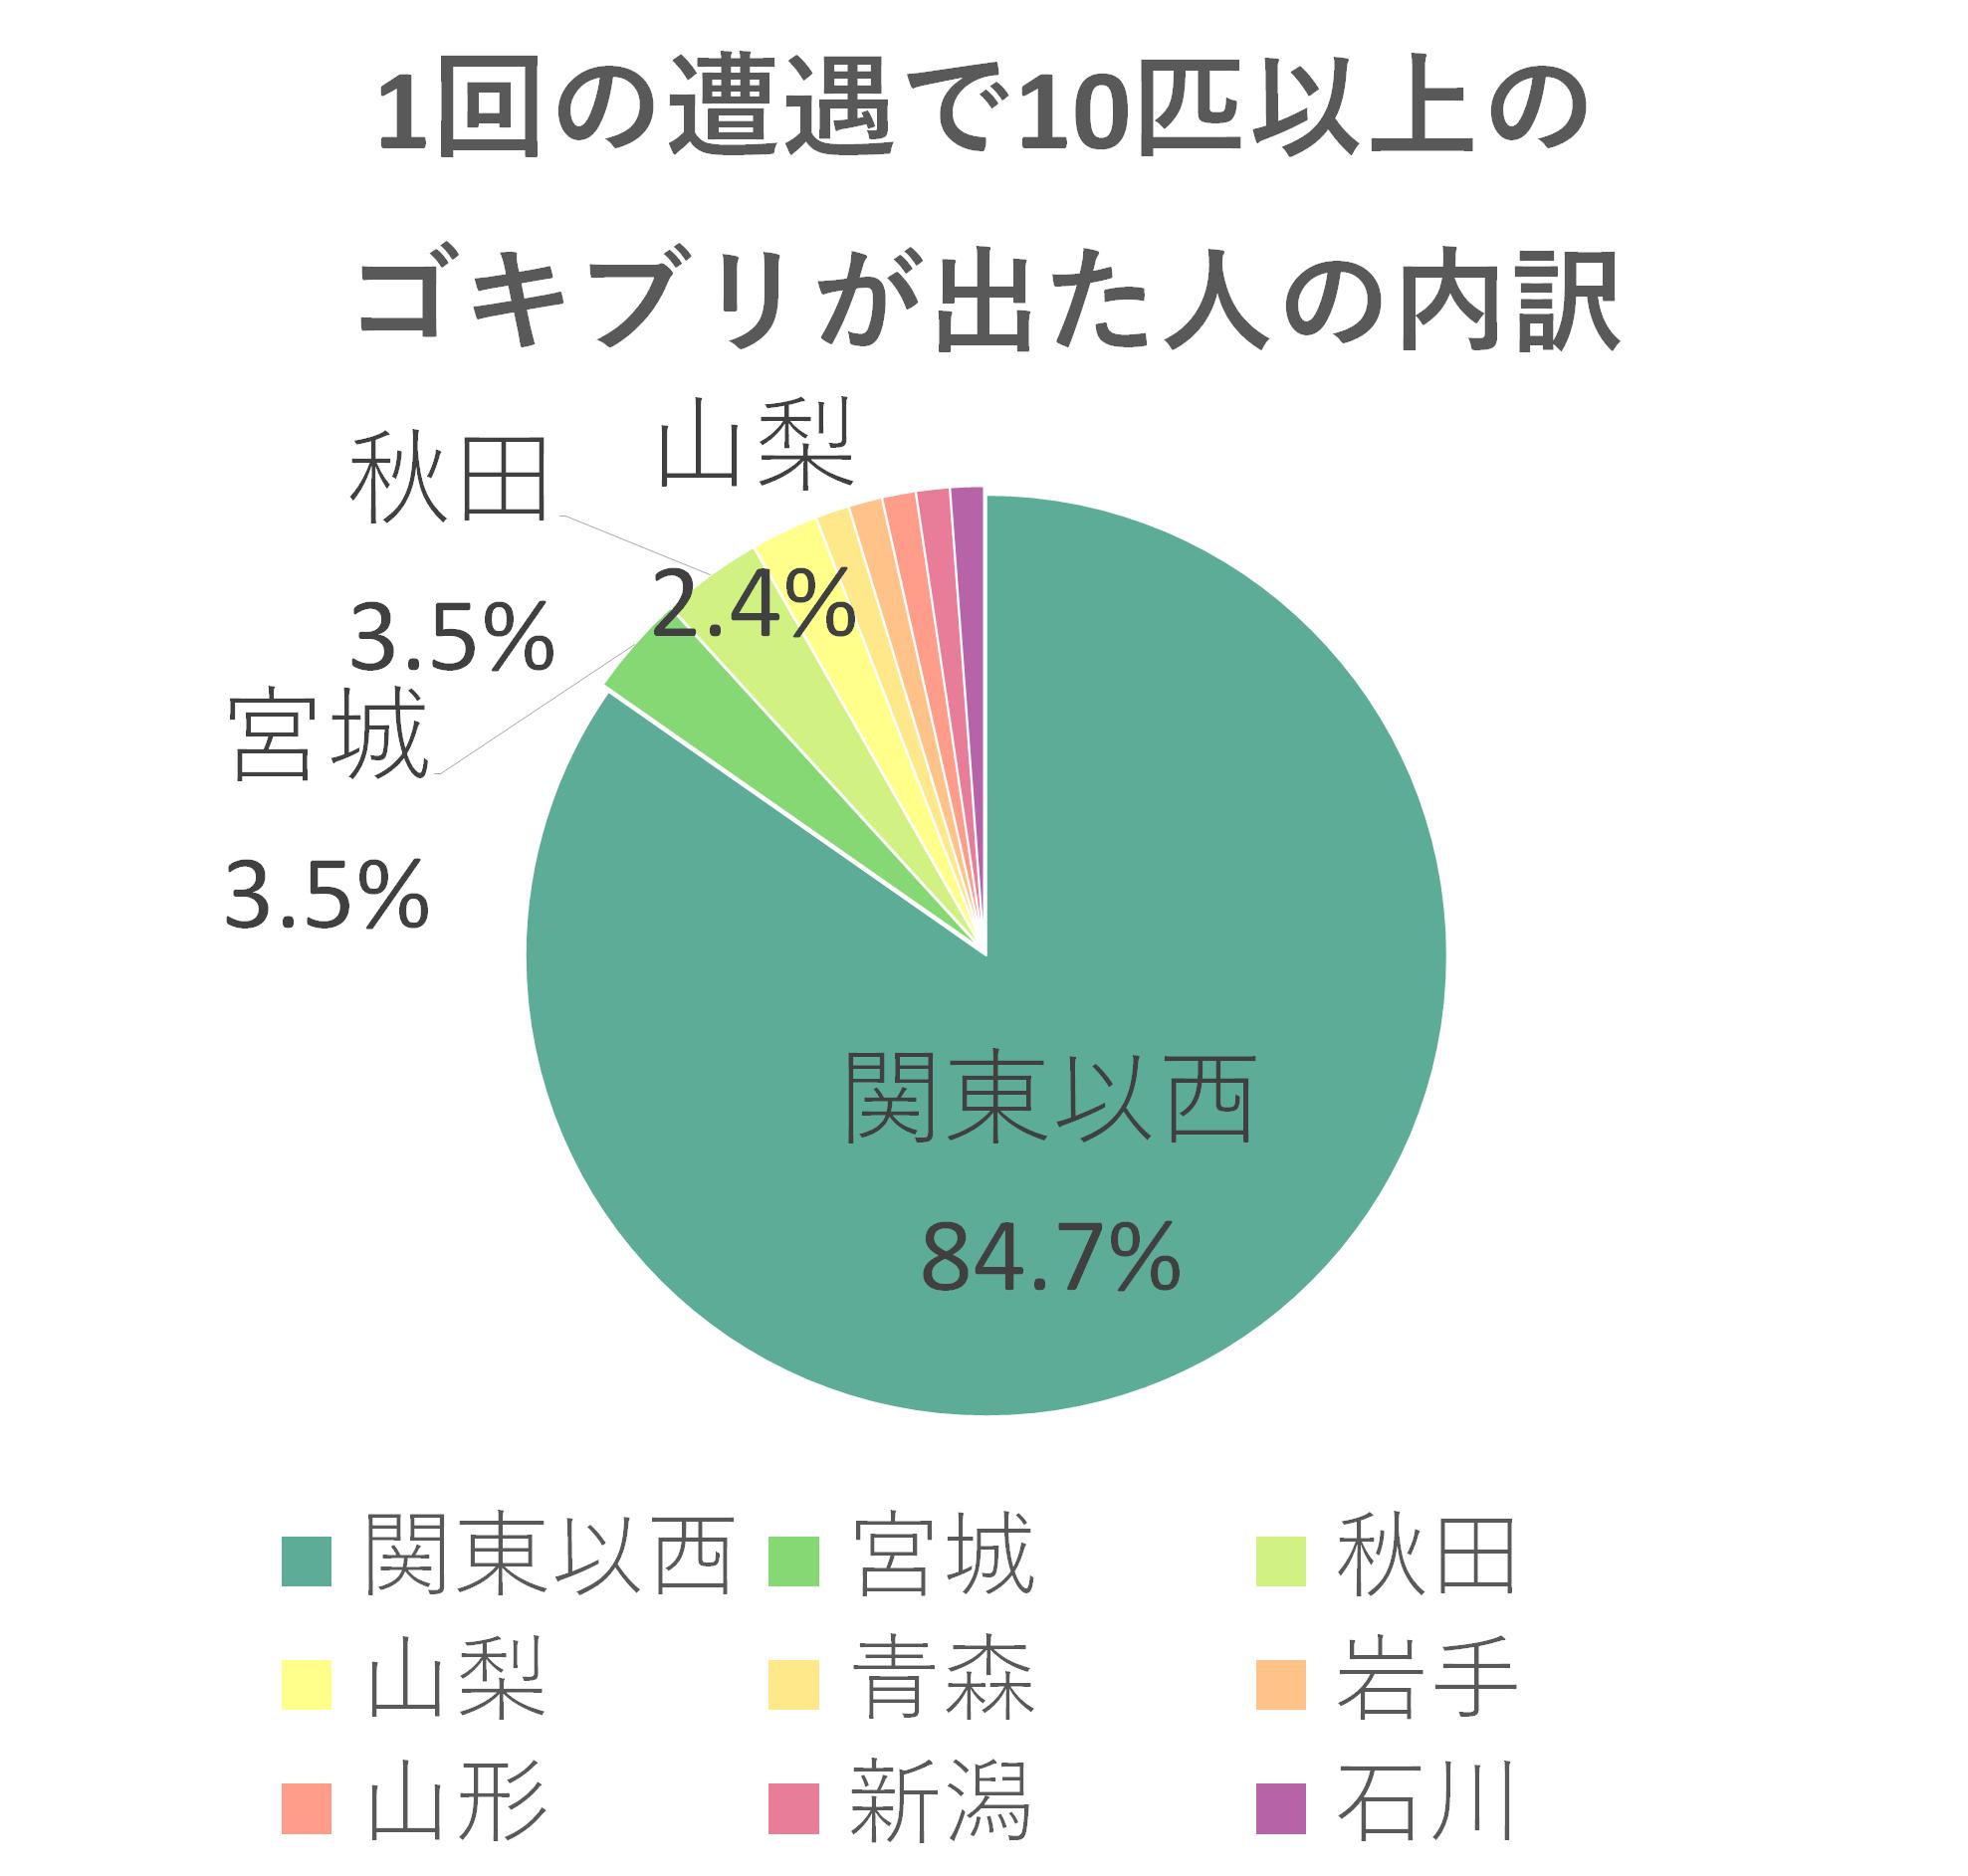 1回の遭遇で10匹以上のゴキブリが出た人は関東以西84.7%宮城・秋田3.5 %山梨2.4%青森・岩手・山形・新潟・石川1.2%